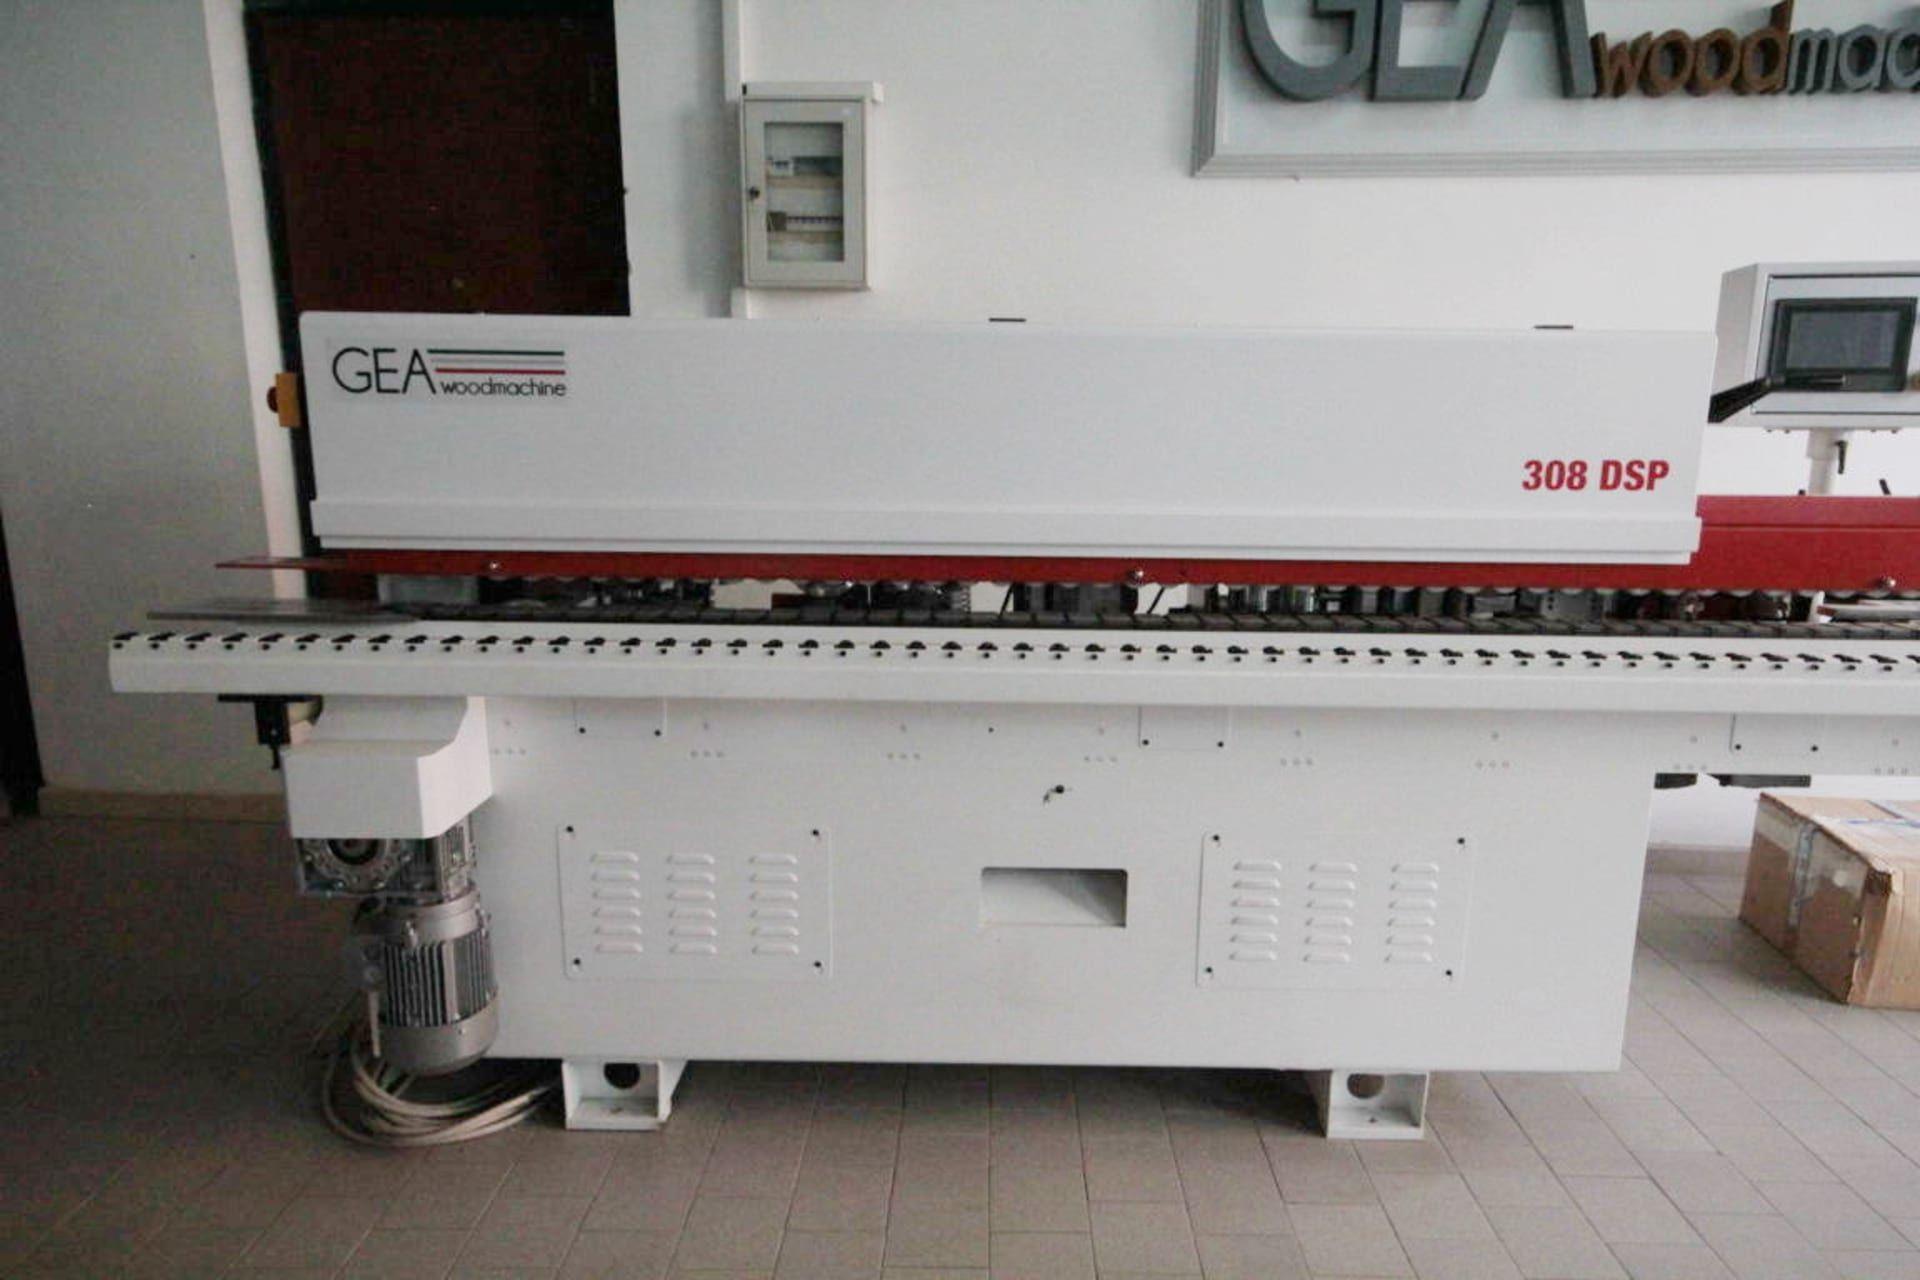 GEA 308 DSP Kantenanleimmaschine